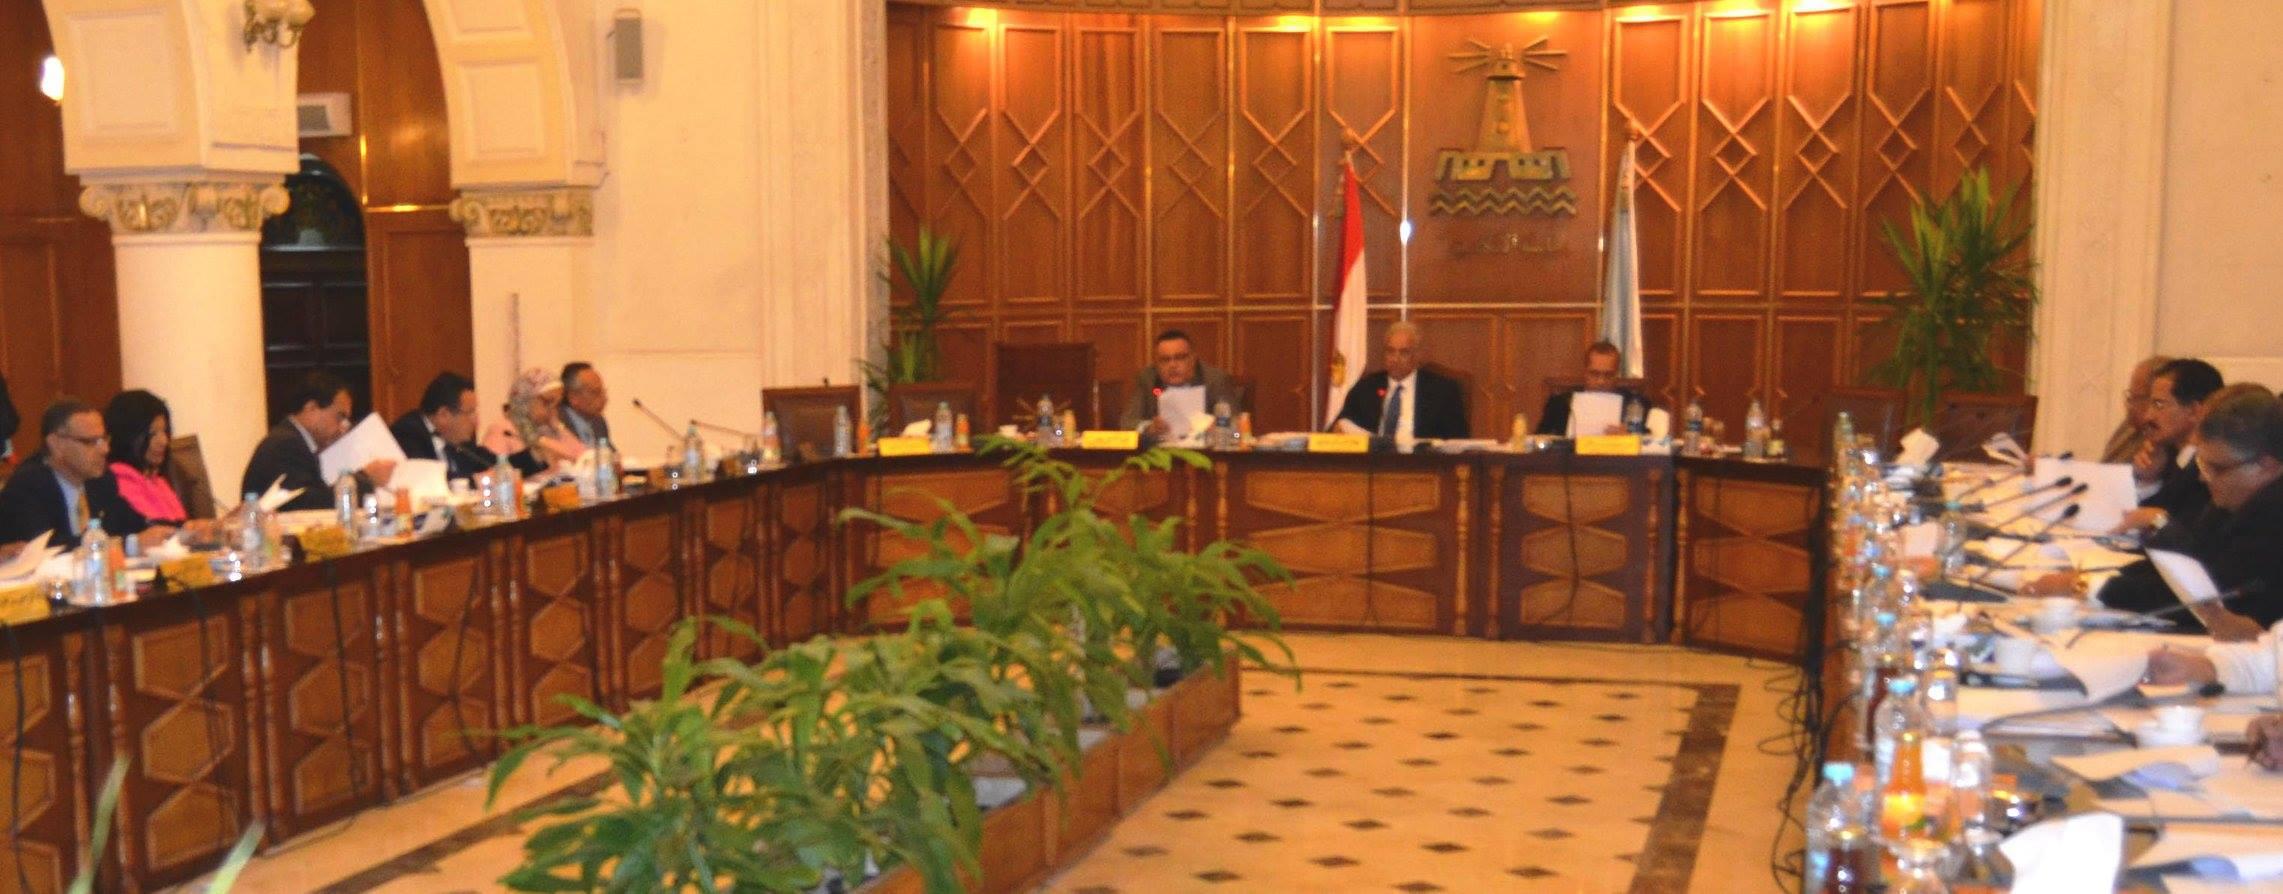 """جامعة الإسكندرية تطلق منحاً دراسية لأوائل الطلاب بفرع الجامعة بـ""""إنجامينا"""""""